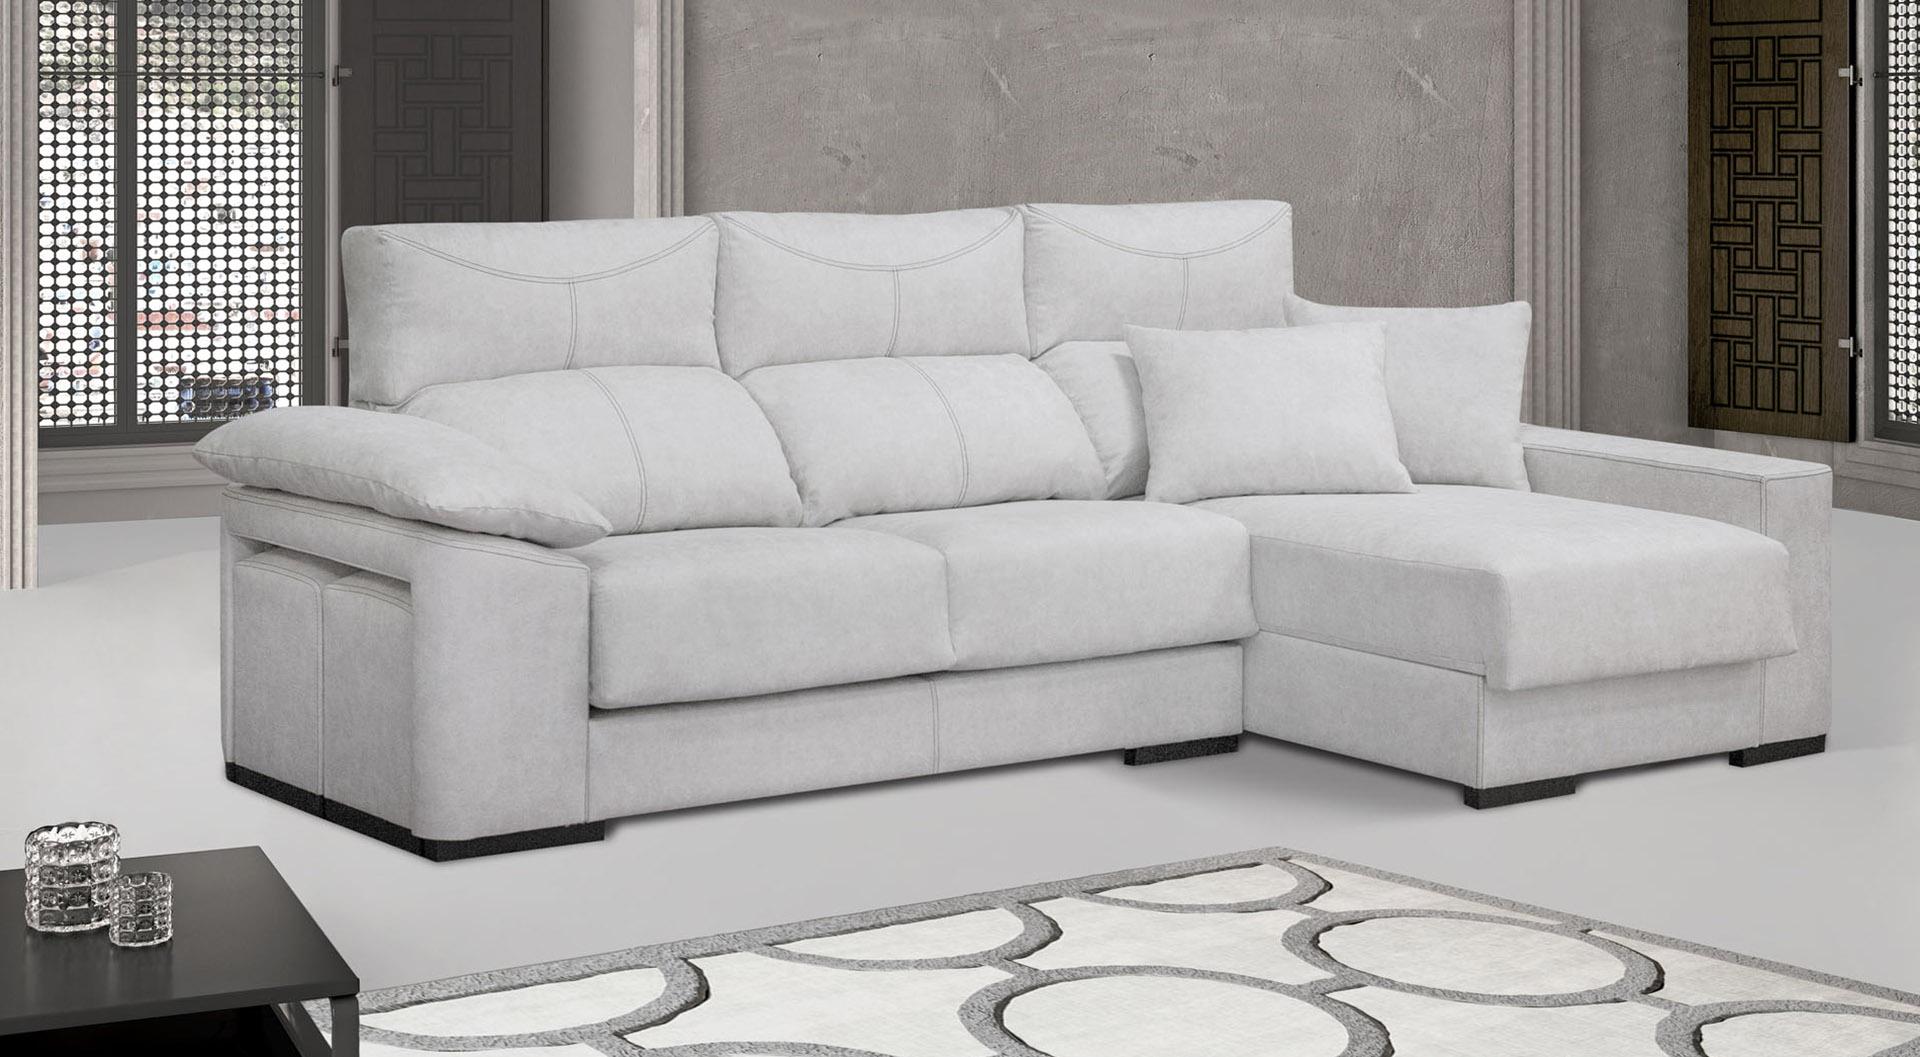 chaiselongue con posibilidad de 3+2 plazas con asientos deslizantes y respaldos reclinables, arcón y puff. Un sofá con encanto con diferentes variantes para un descanso a medida. Tapizados a elegir